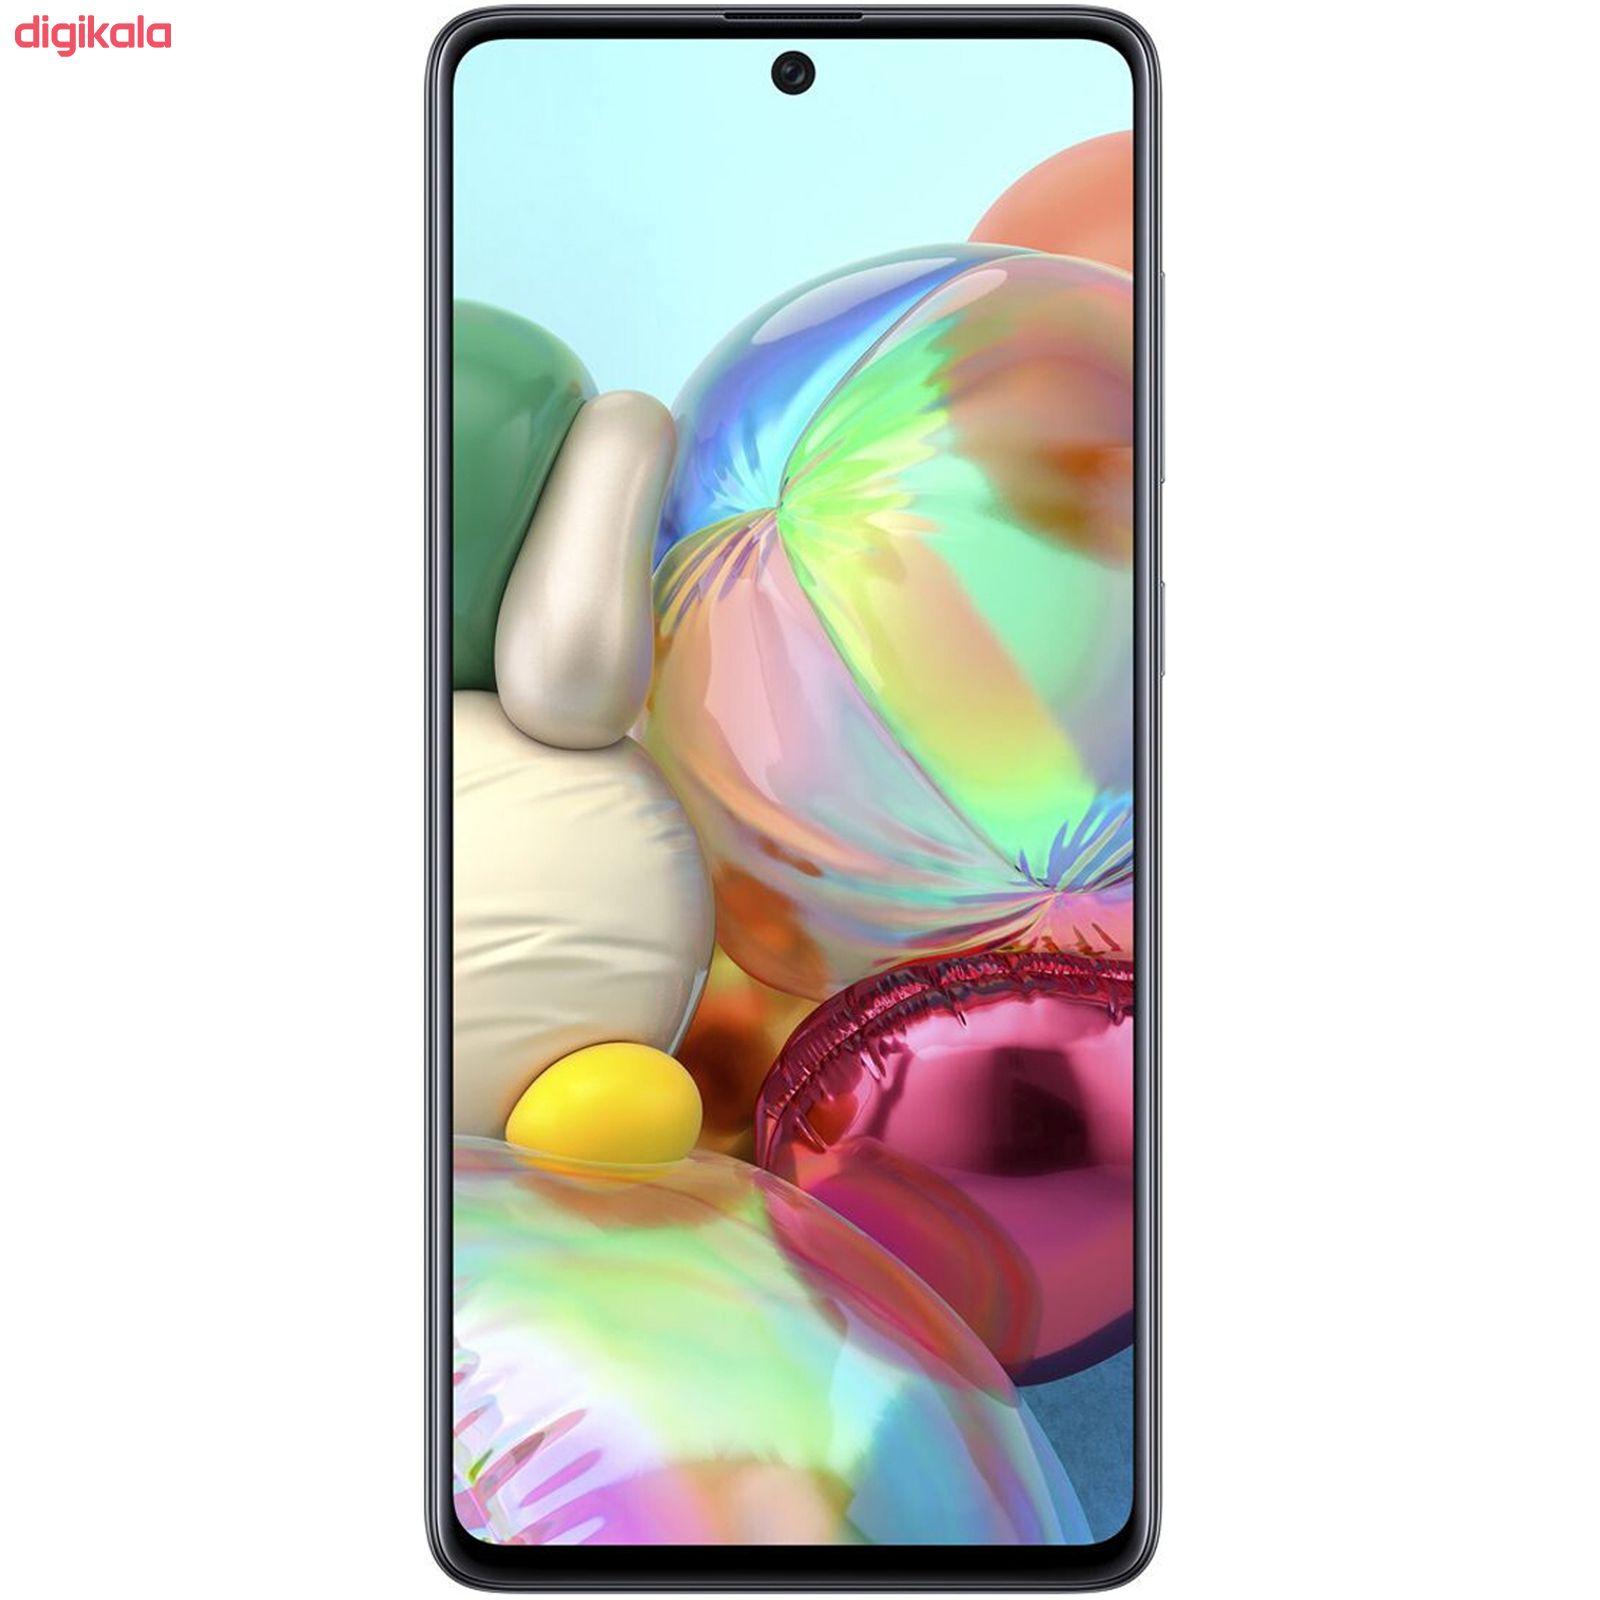 گوشی موبایل سامسونگ مدل Galaxy A71 SM-A715F/DS دو سیمکارت ظرفیت 128 گیگابایت همراه با رم 8 گیگابایت main 1 1